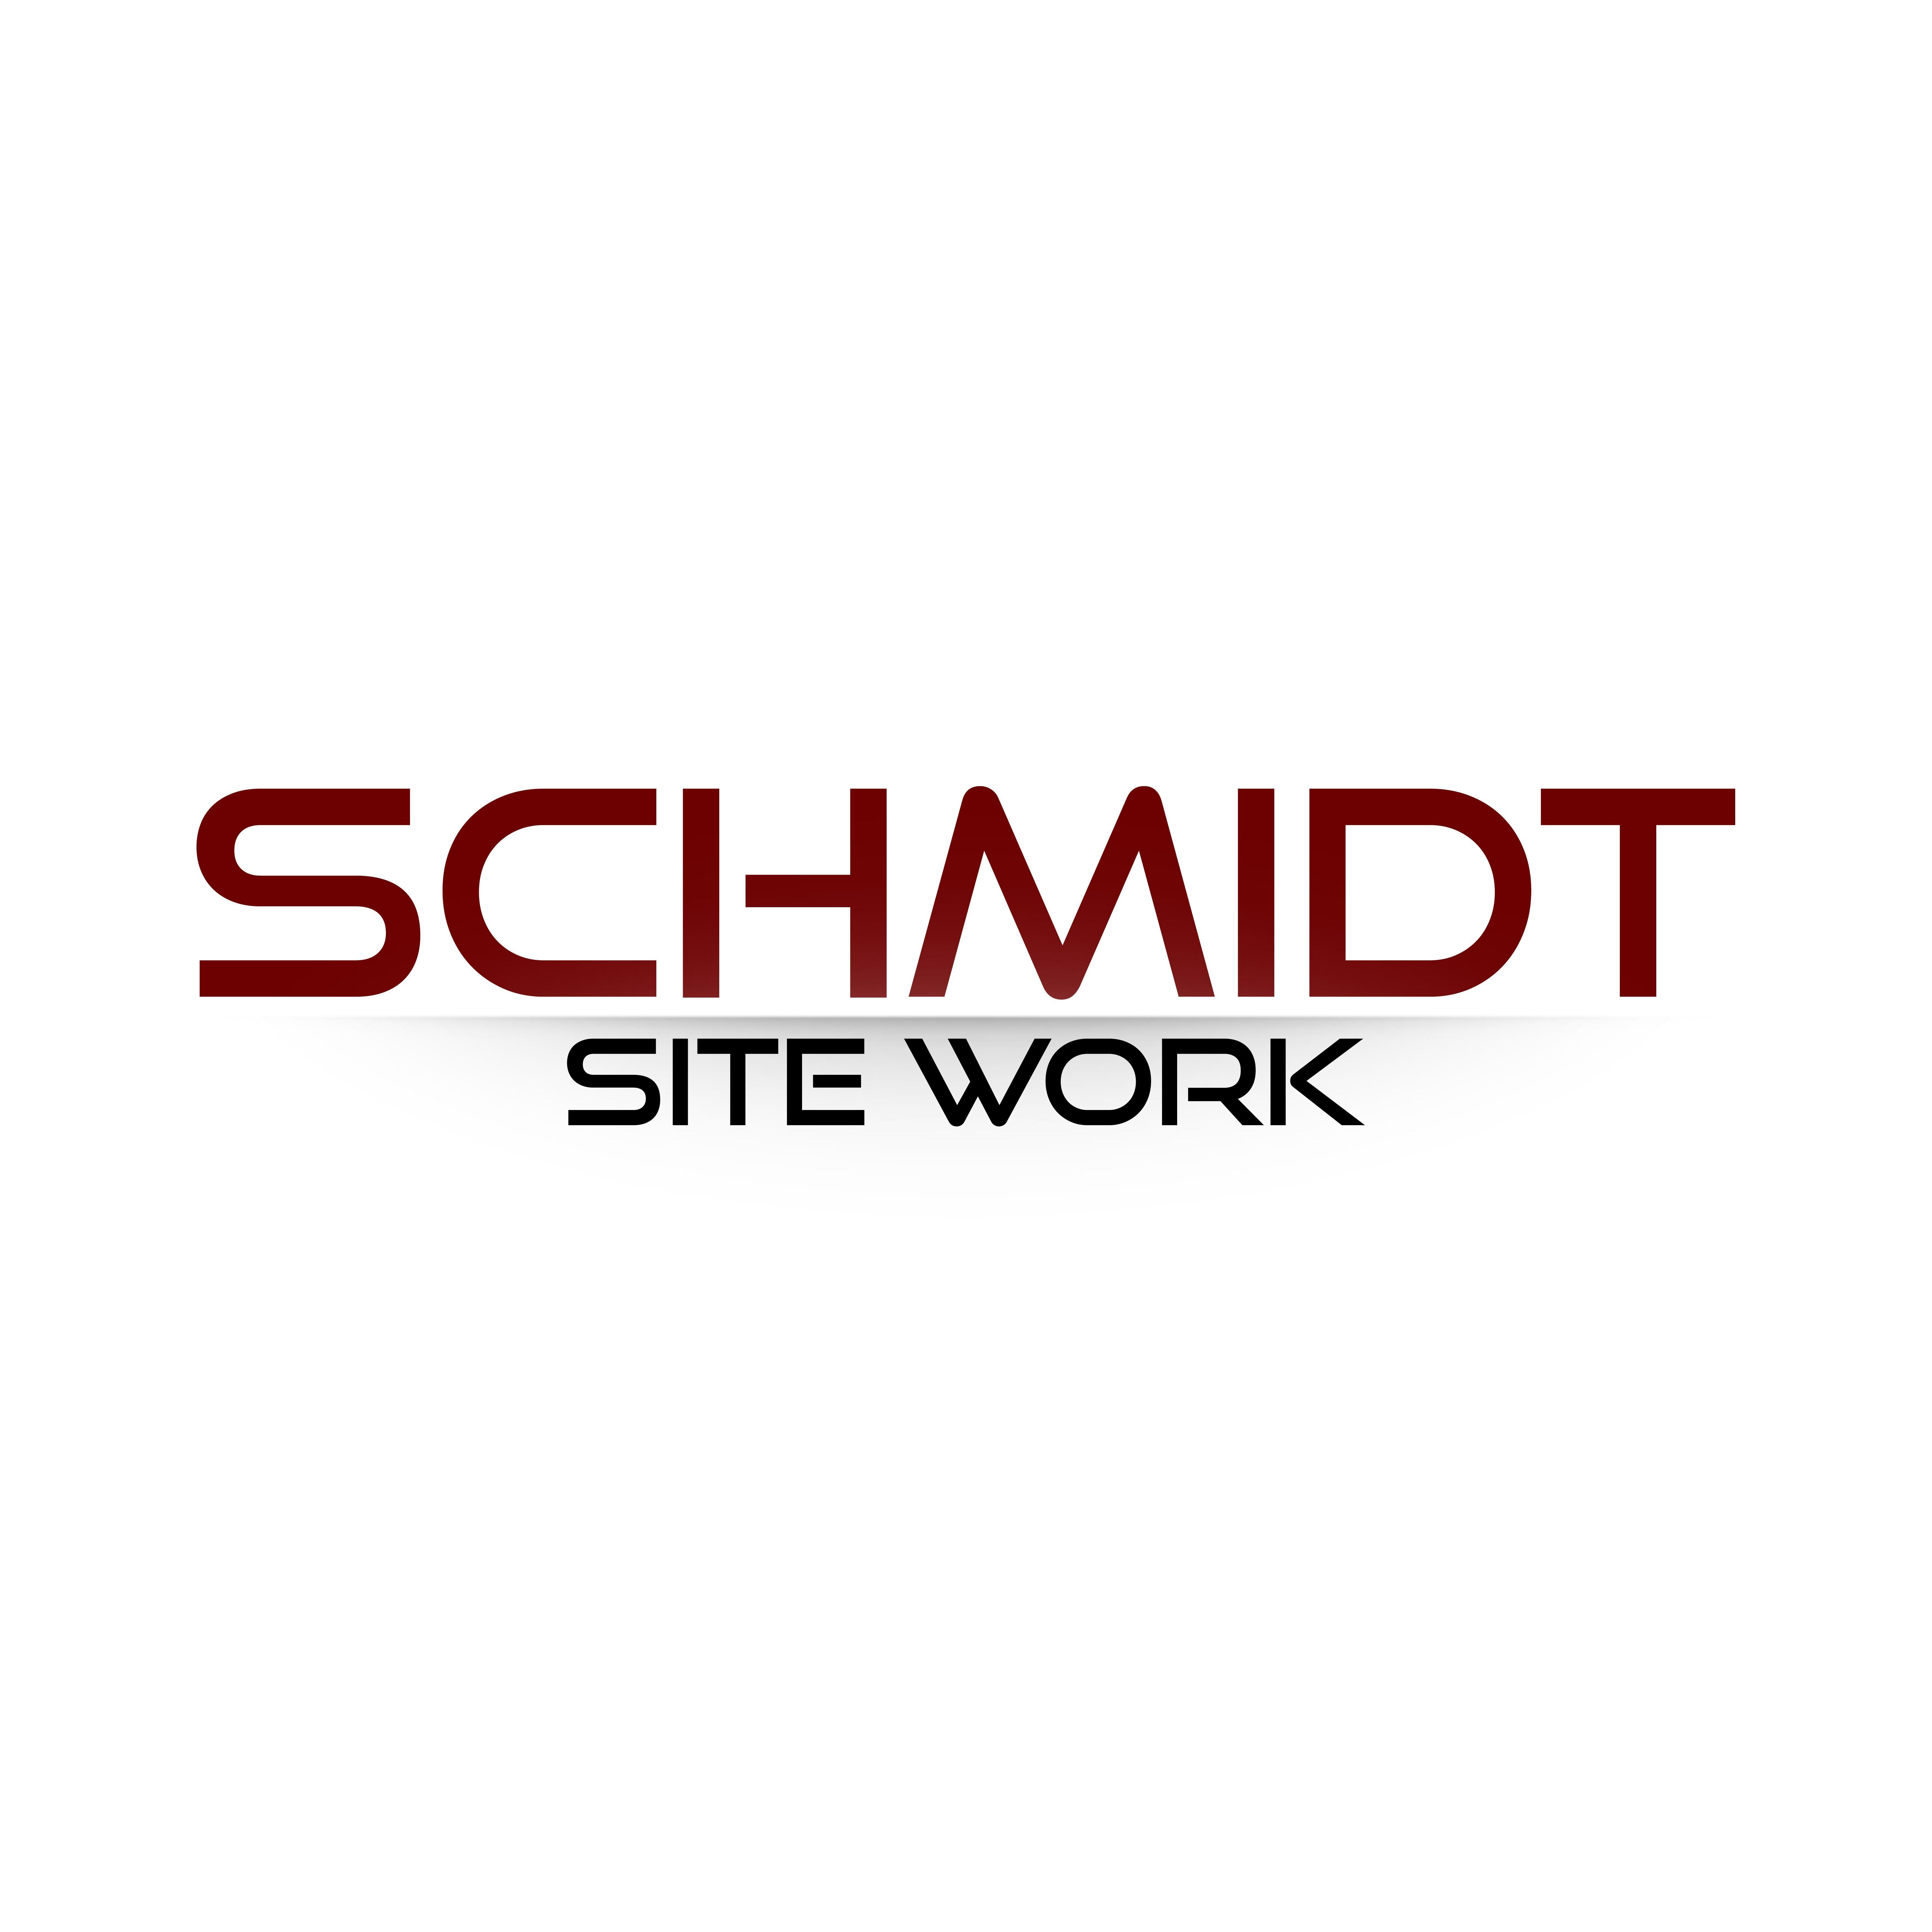 Schmidt Site Work